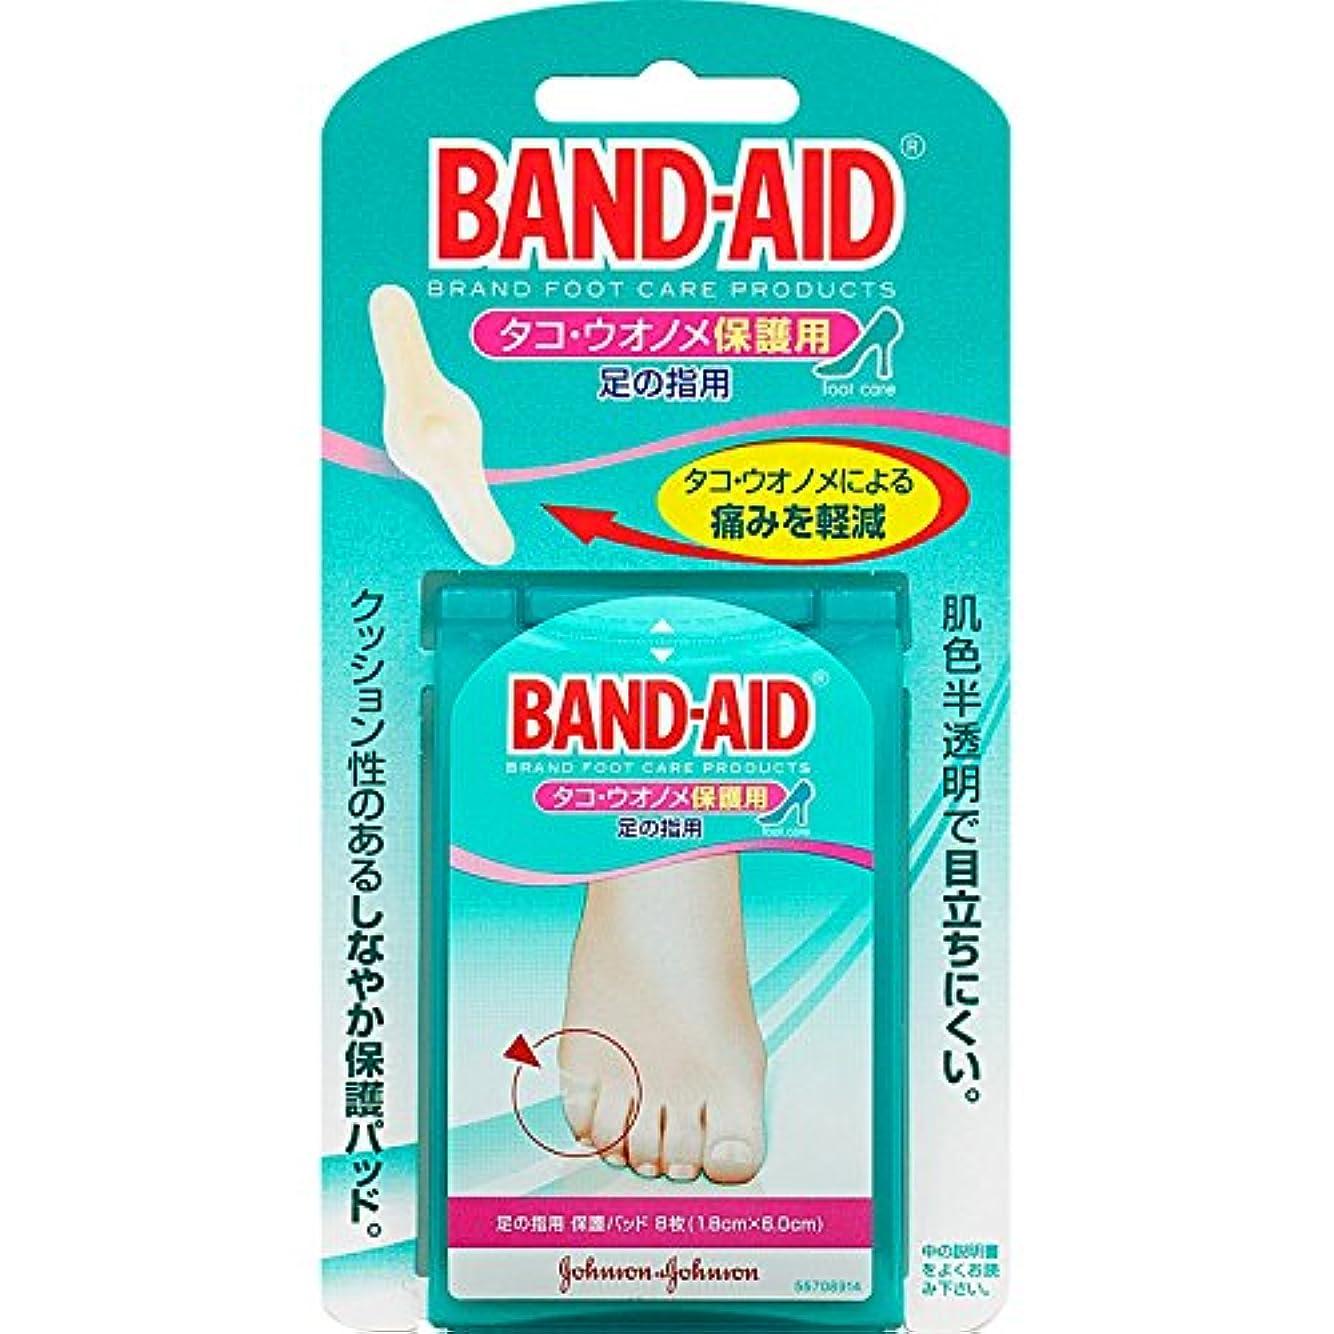 ステレオファーム気づくなるBAND-AID(バンドエイド) タコ?ウオノメ保護用 足の指用 8枚